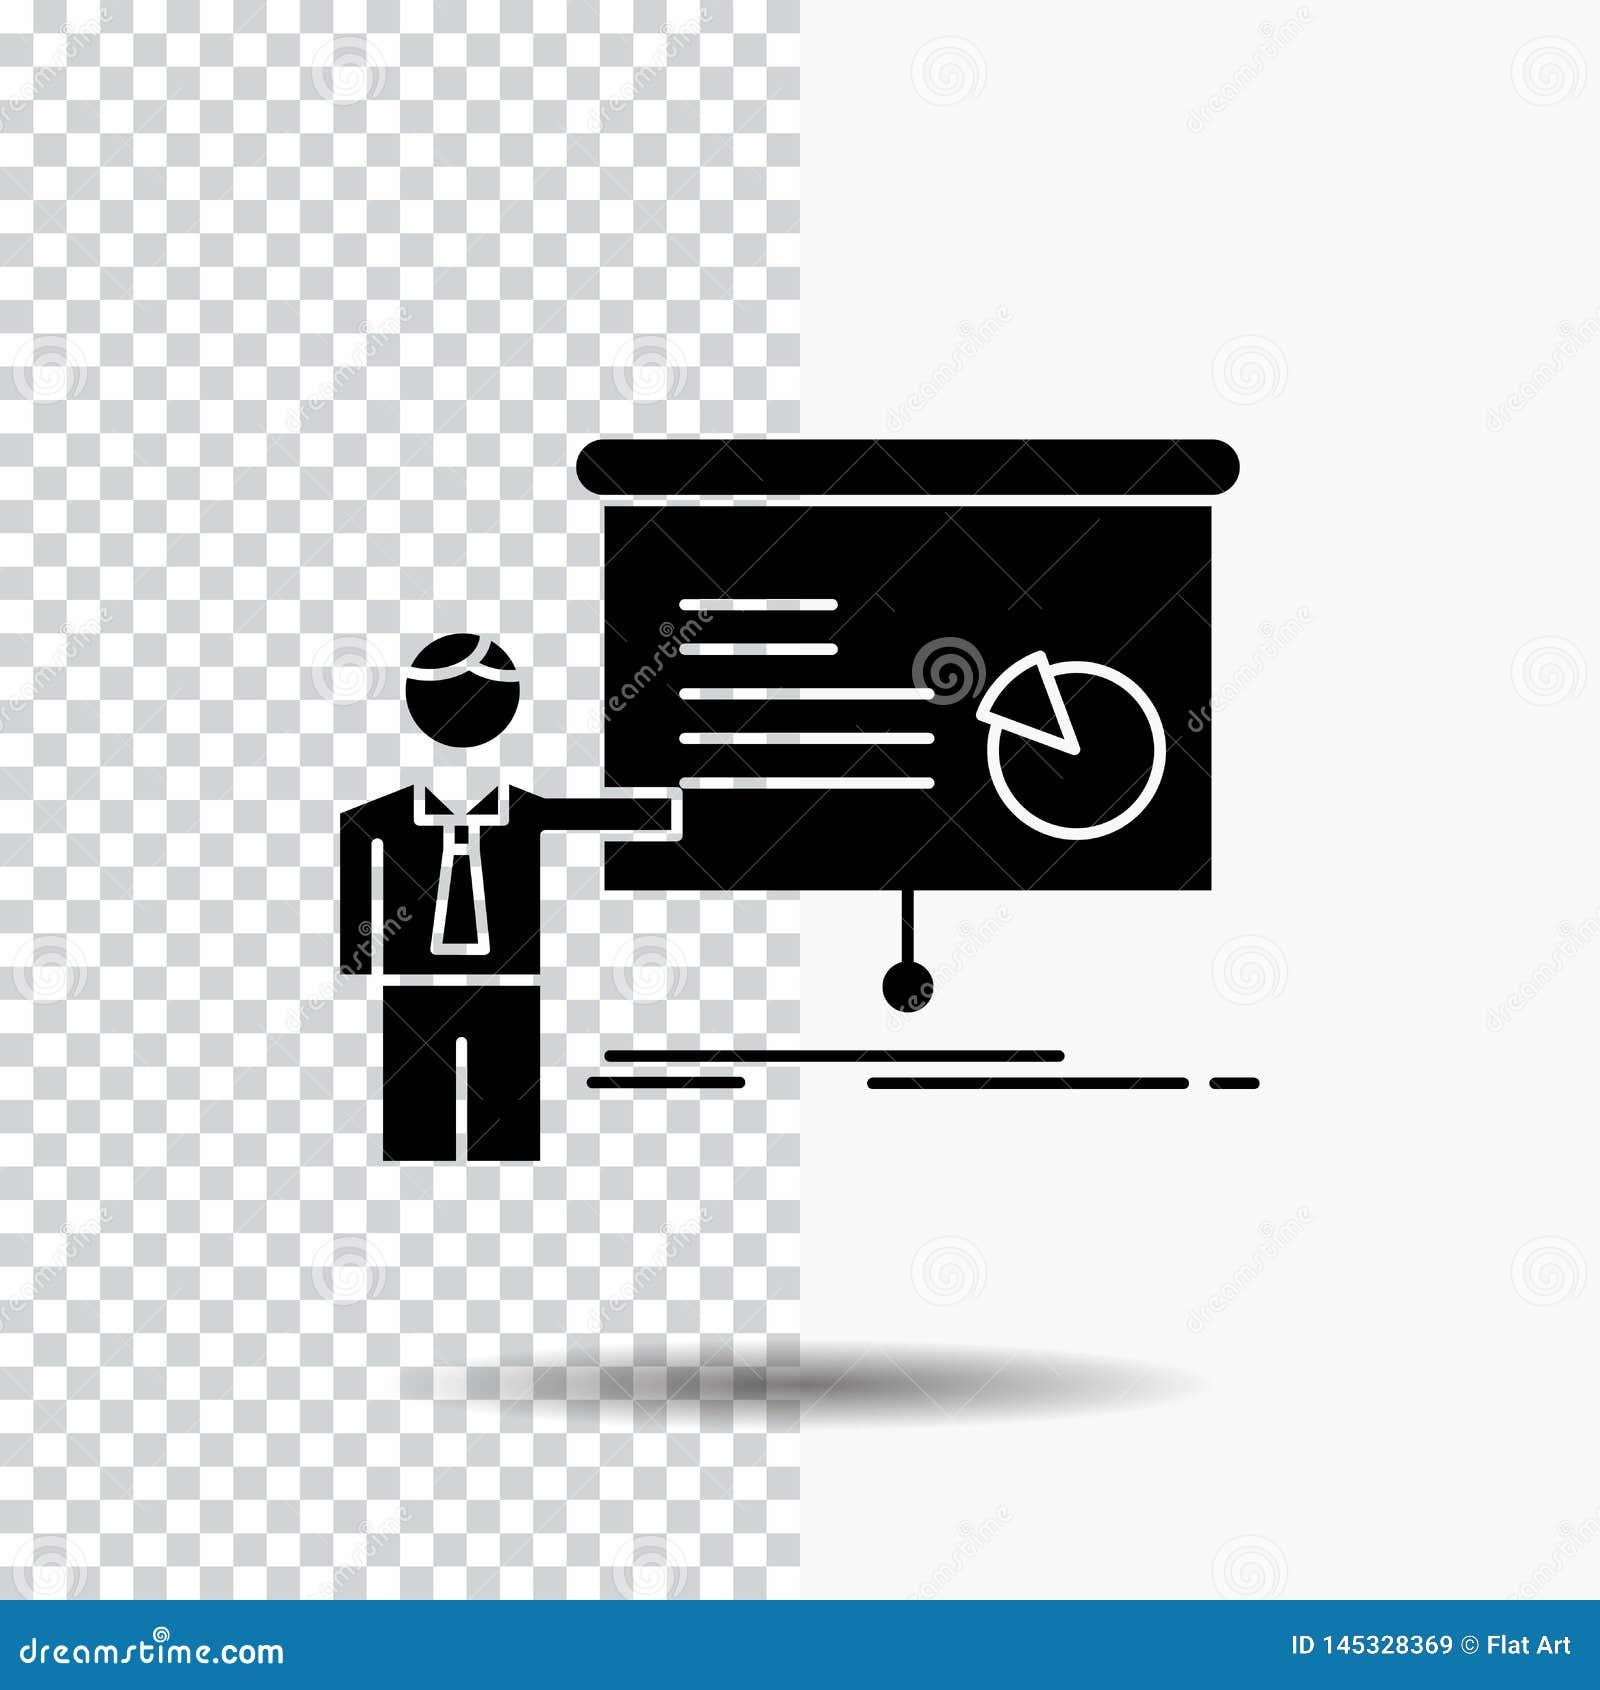 Gráfico, reunión, presentación, informe, icono del Glyph del seminario en fondo transparente Icono negro